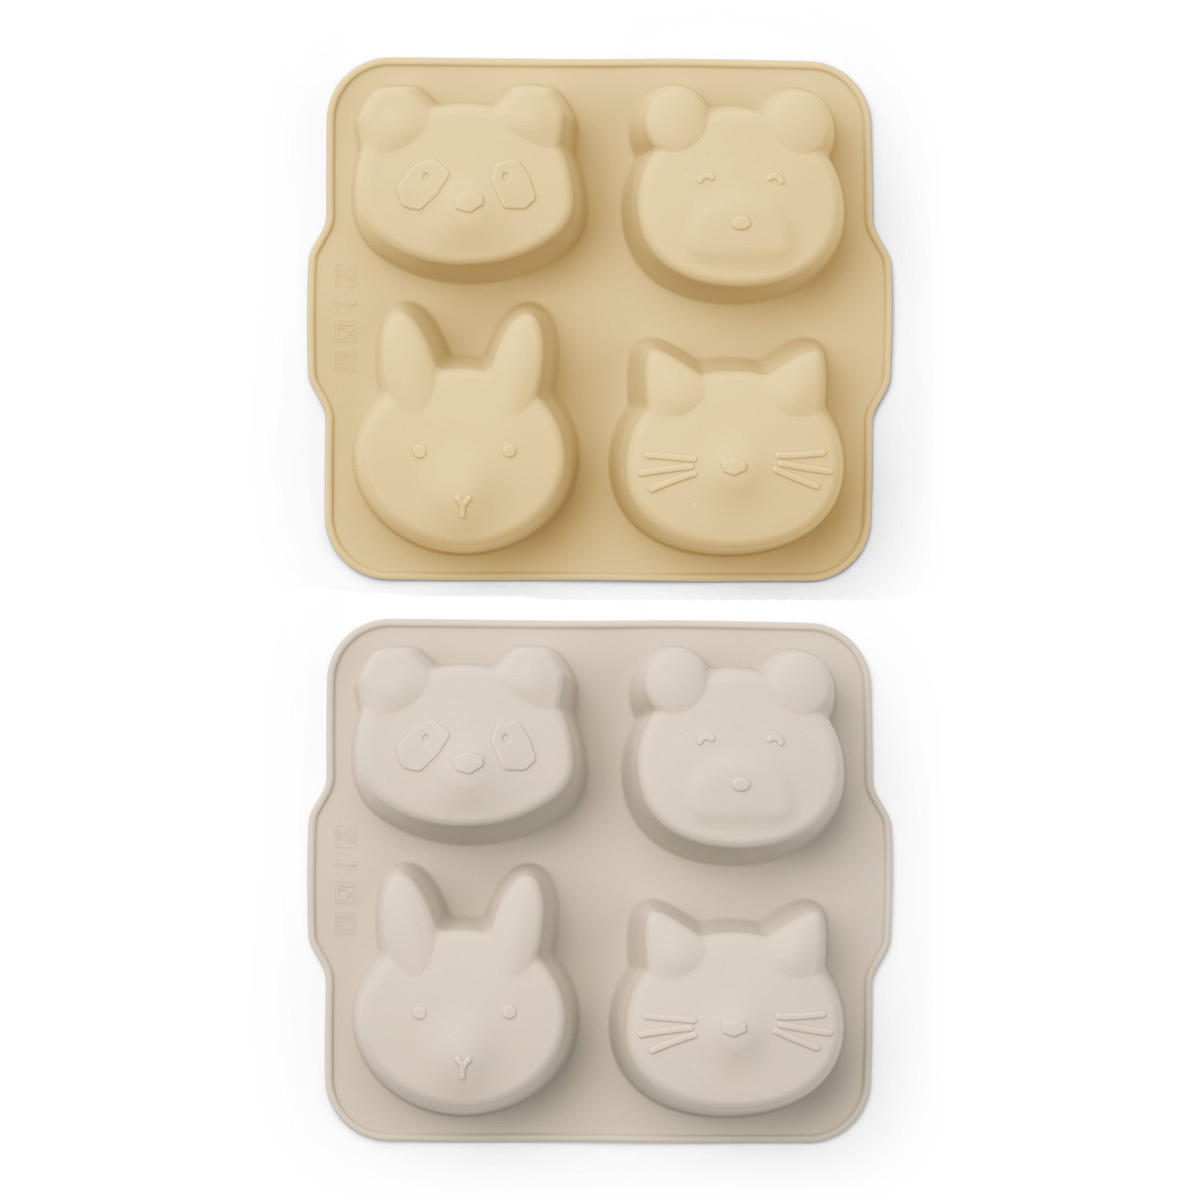 Vaisselle & Couvert Lot de 2 Mini Moules à Gâteau Mariam - Wheat Yellow & Sandy Mix Lot de 2 Mini Moules à Gâteau Mariam - Wheat Yellow & Sandy Mix